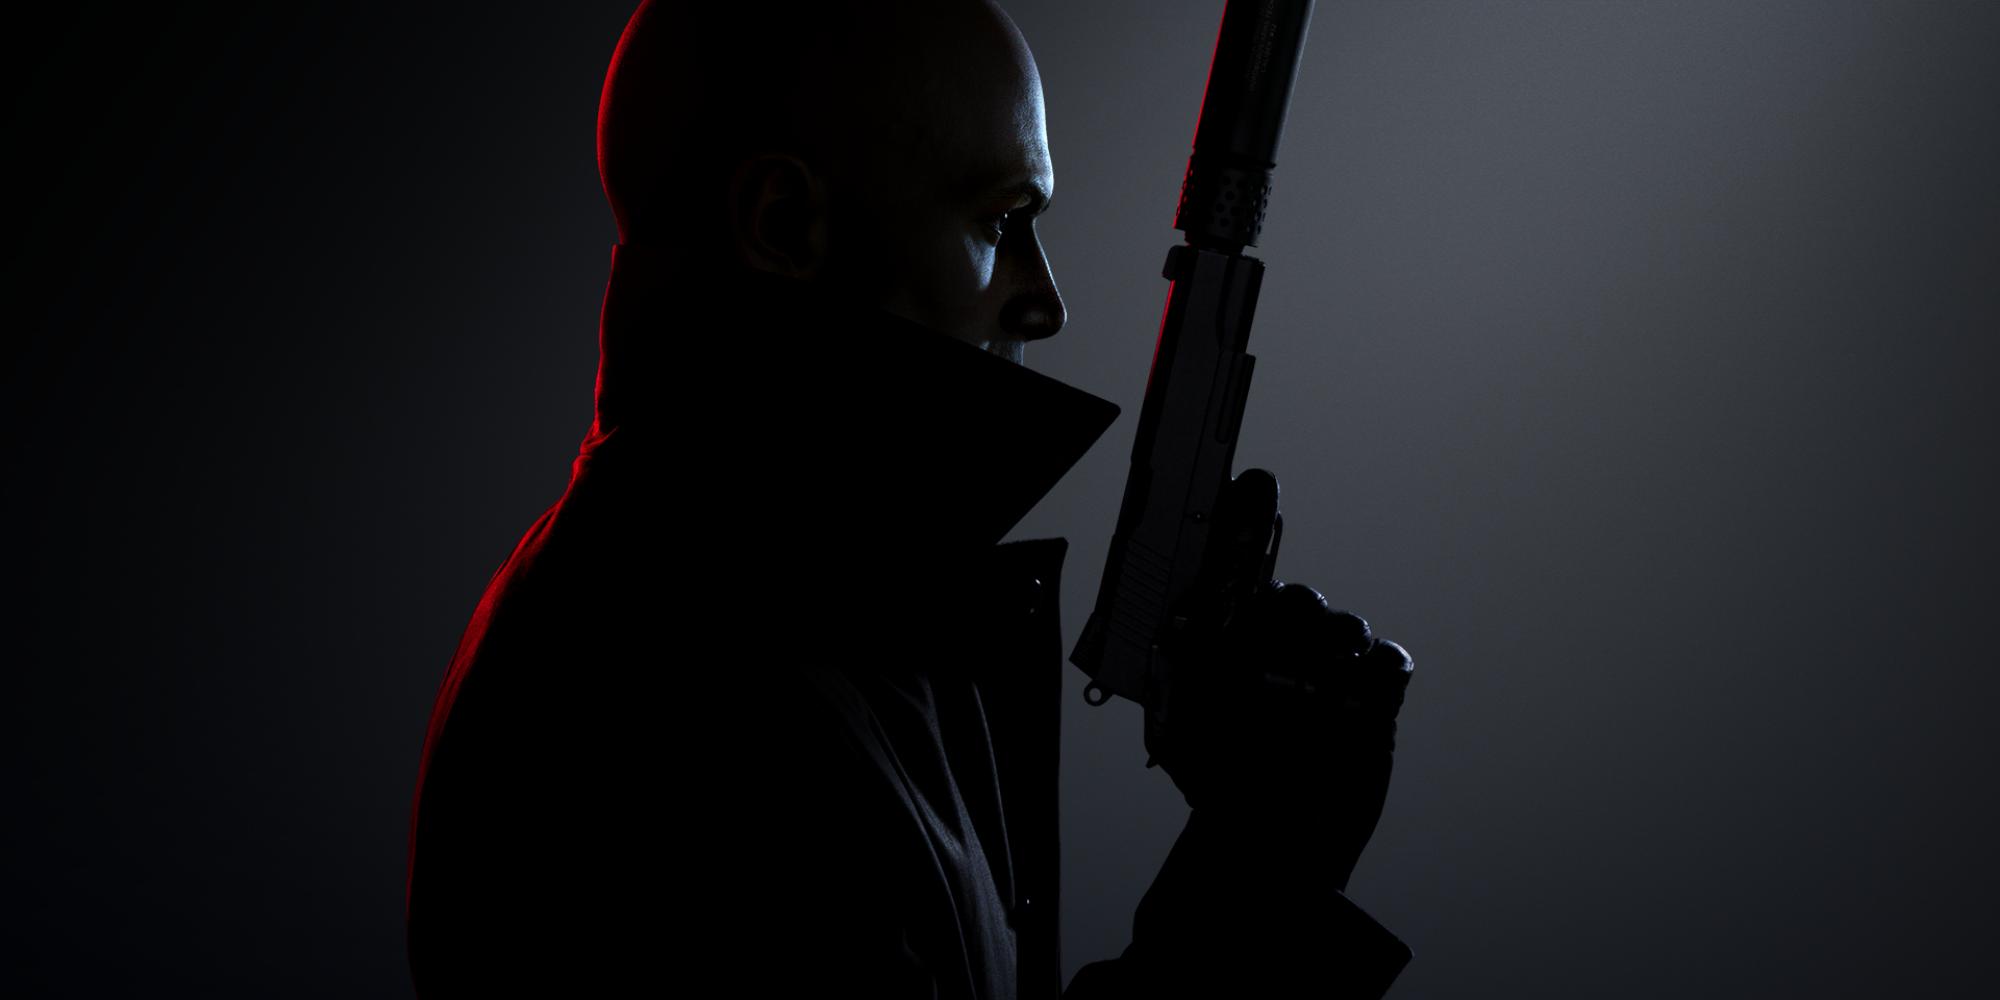 Hitman 3 : un tour du monde mortel avec l'implacable Agent 47